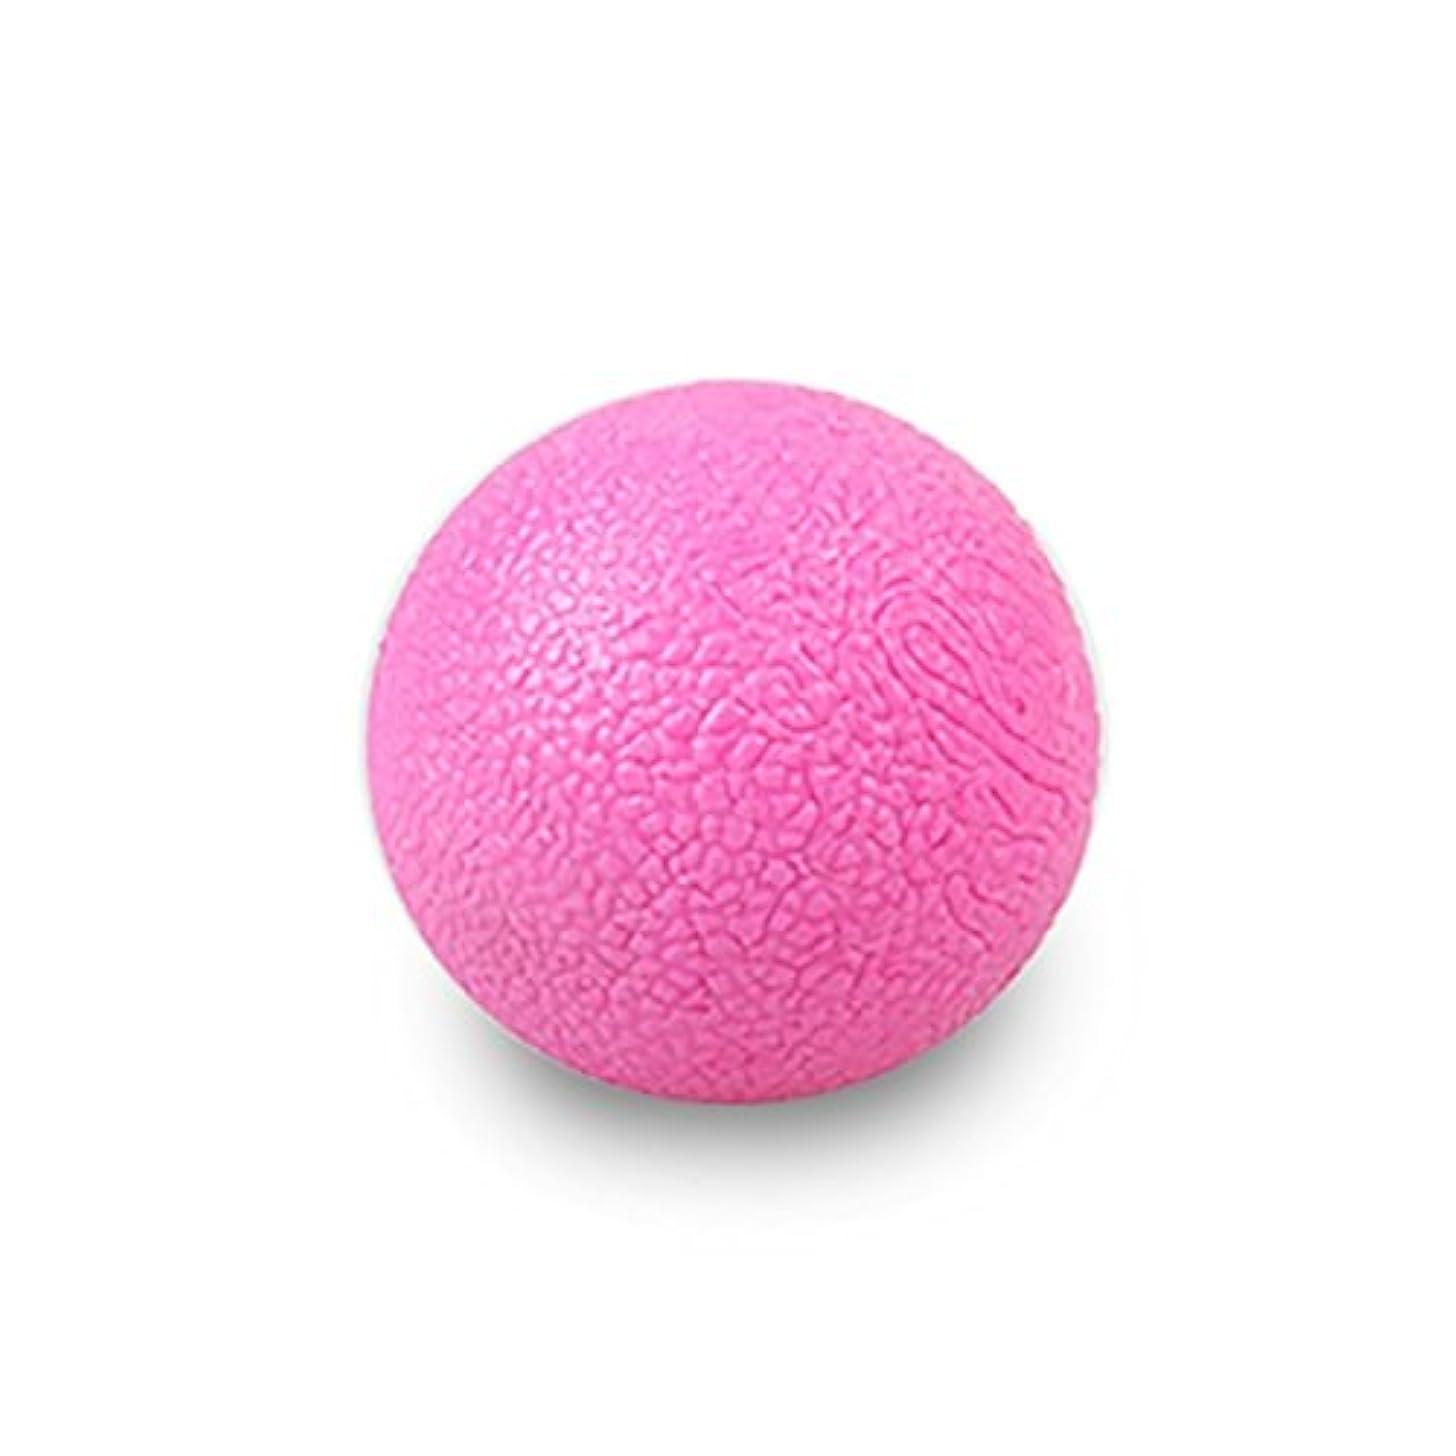 うねるクライアント無駄なSHAPE&UP UPnShape ピーナッツ マッサージ ボール(1.8インチ)/ストレッチ、ヨガ、フィットネス リハビリテーション腰痛首 (ブルー)